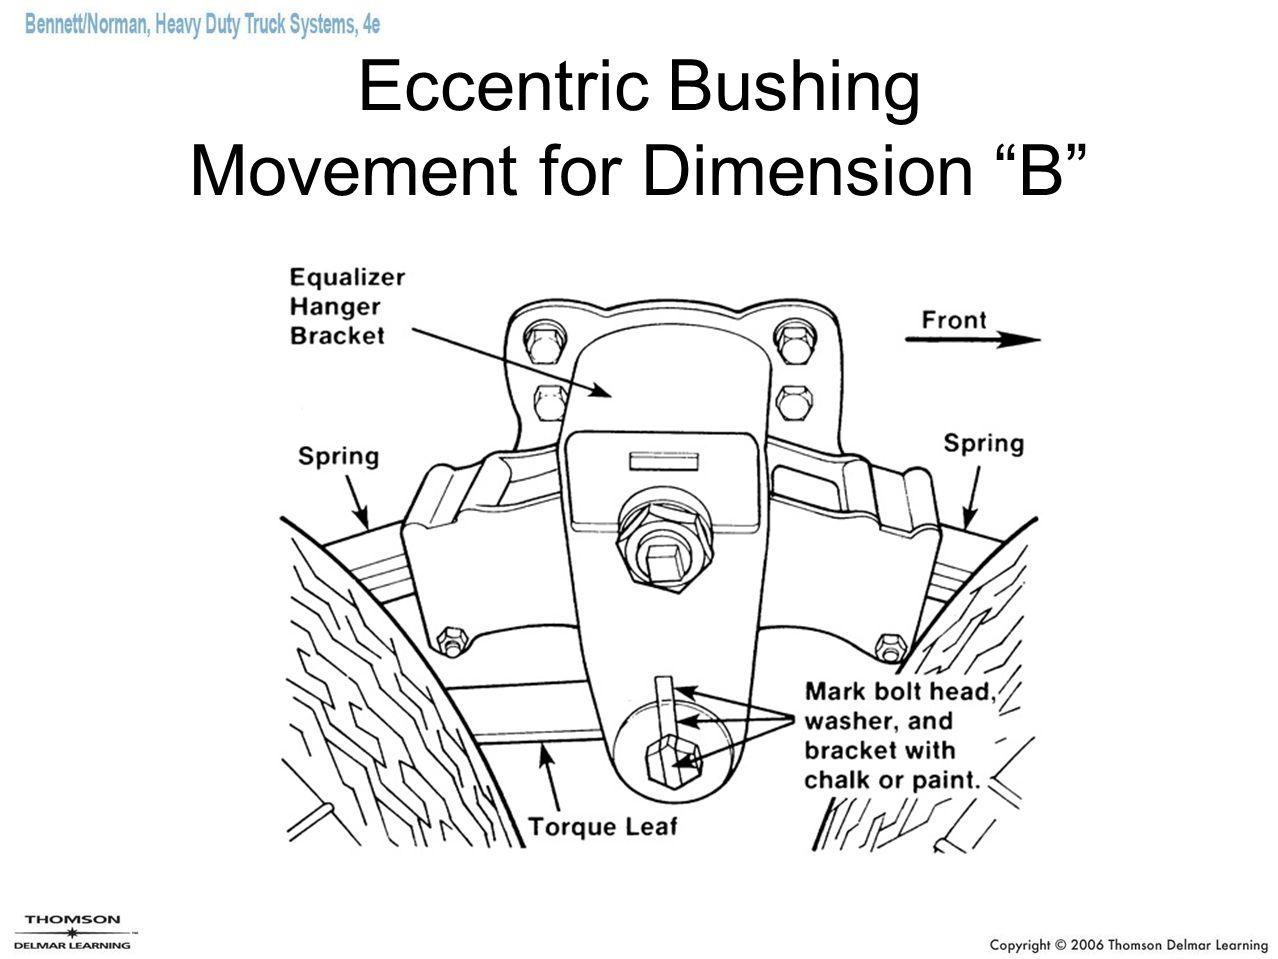 Eccentric Bushing Movement for Dimension B